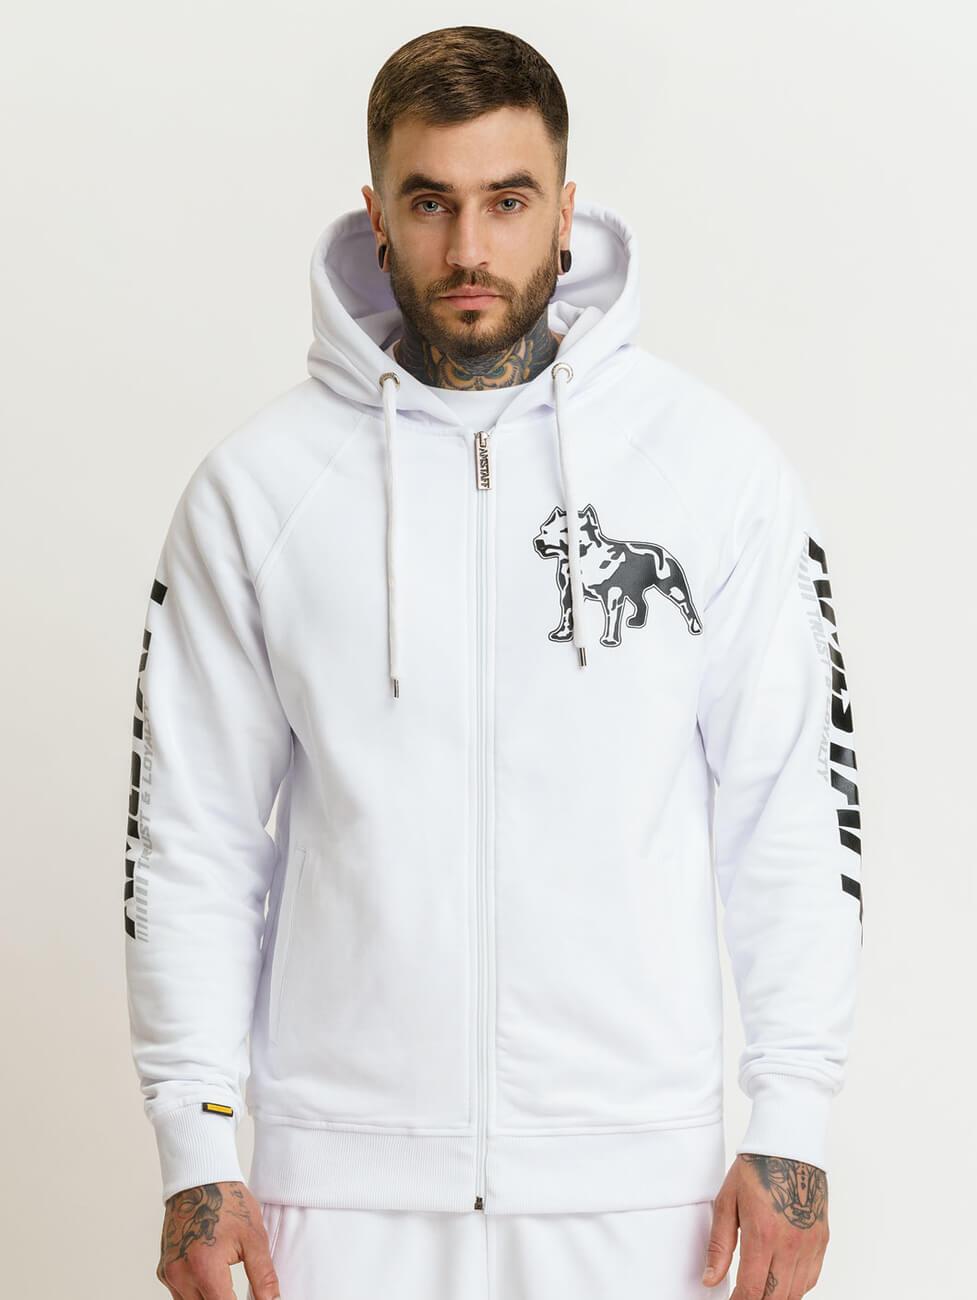 Белый спортивный костюм мужской купить с получением в Москве или спб